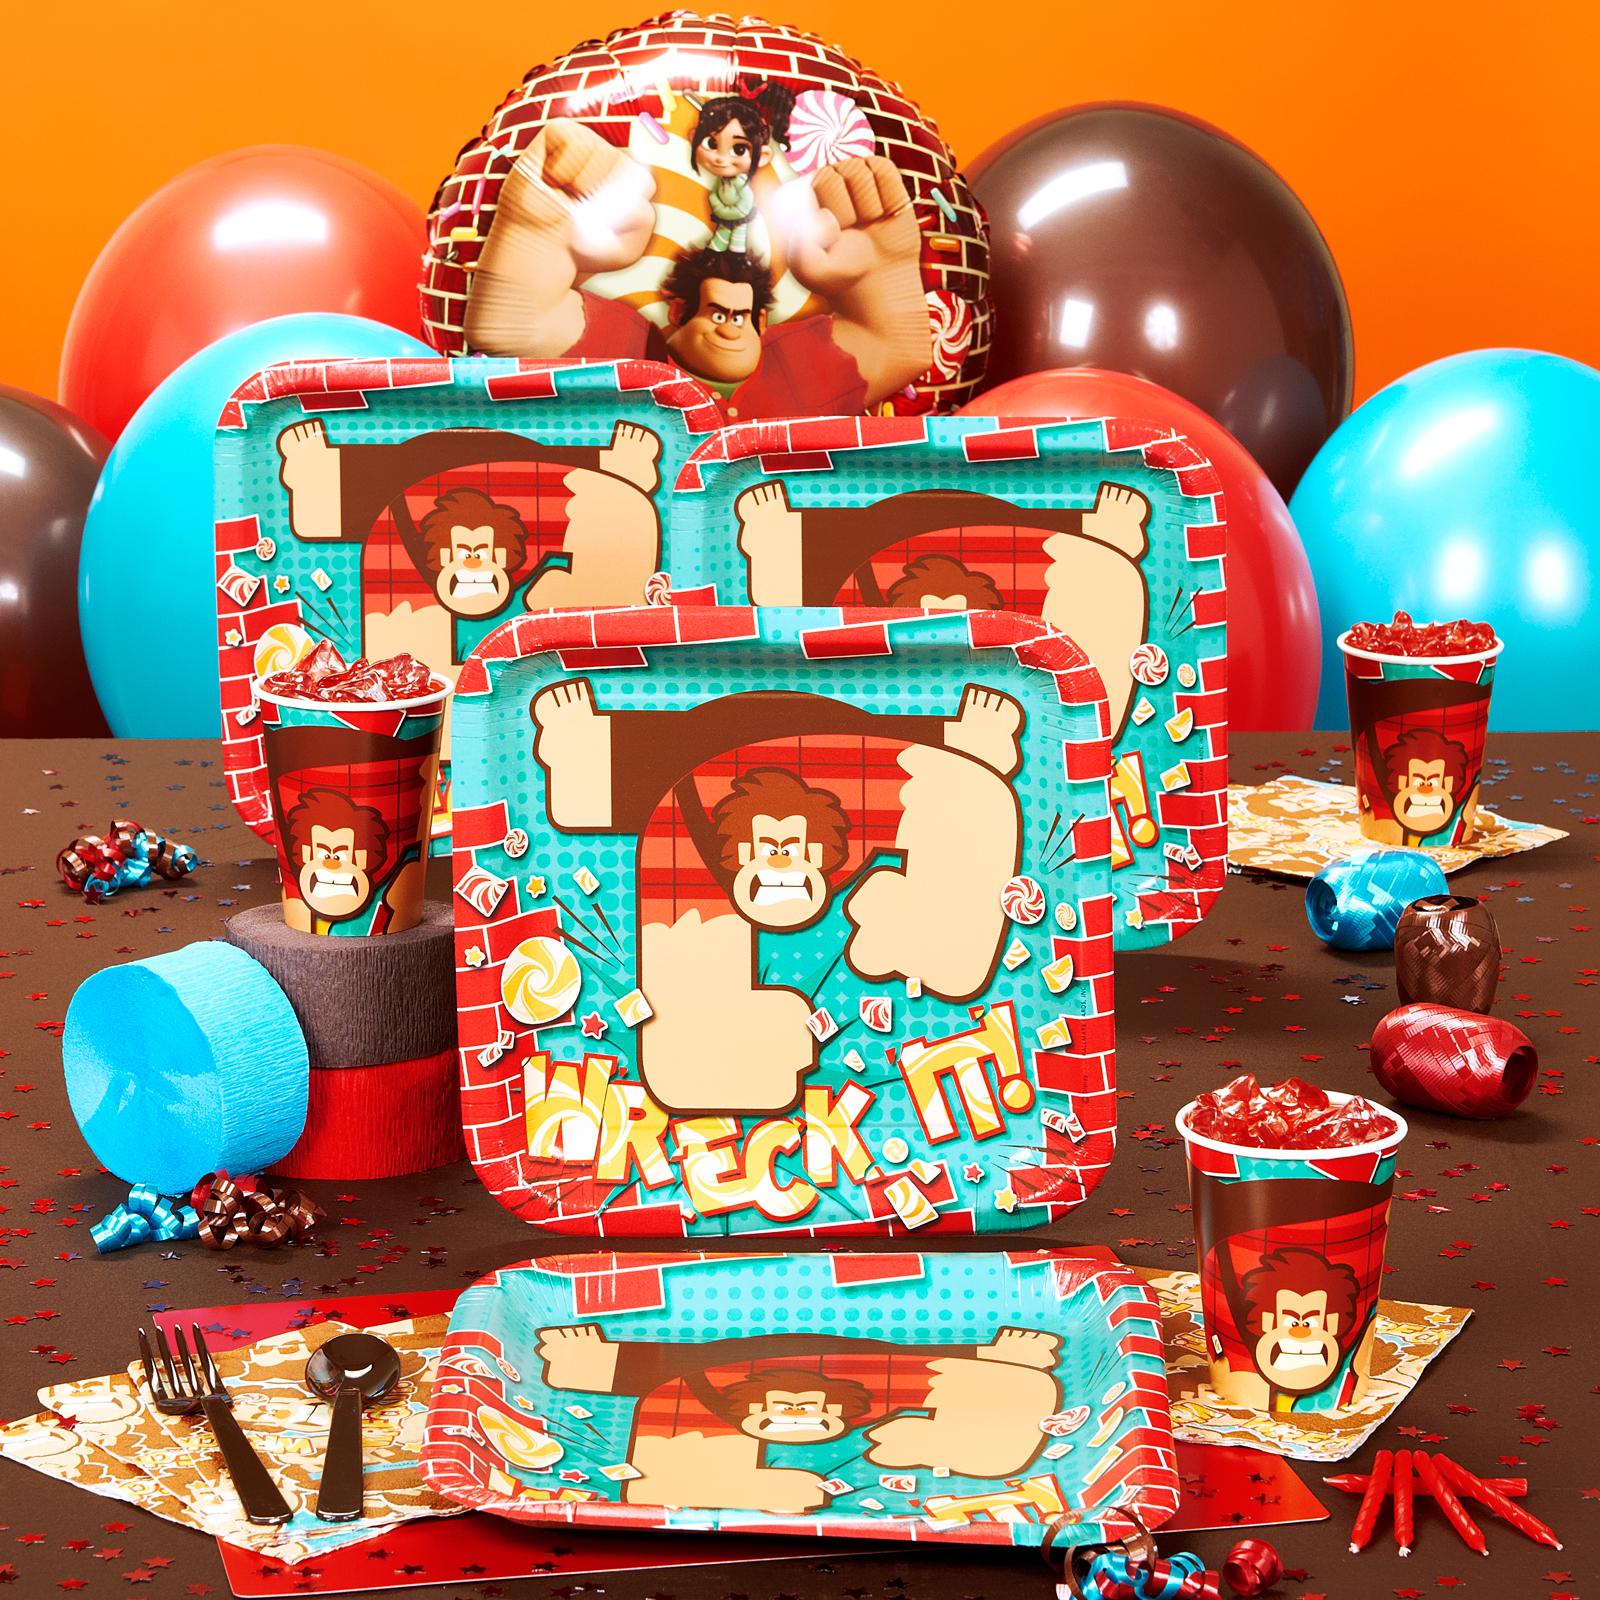 Jake And The Neverland Pirates Birthday Supplies Uk